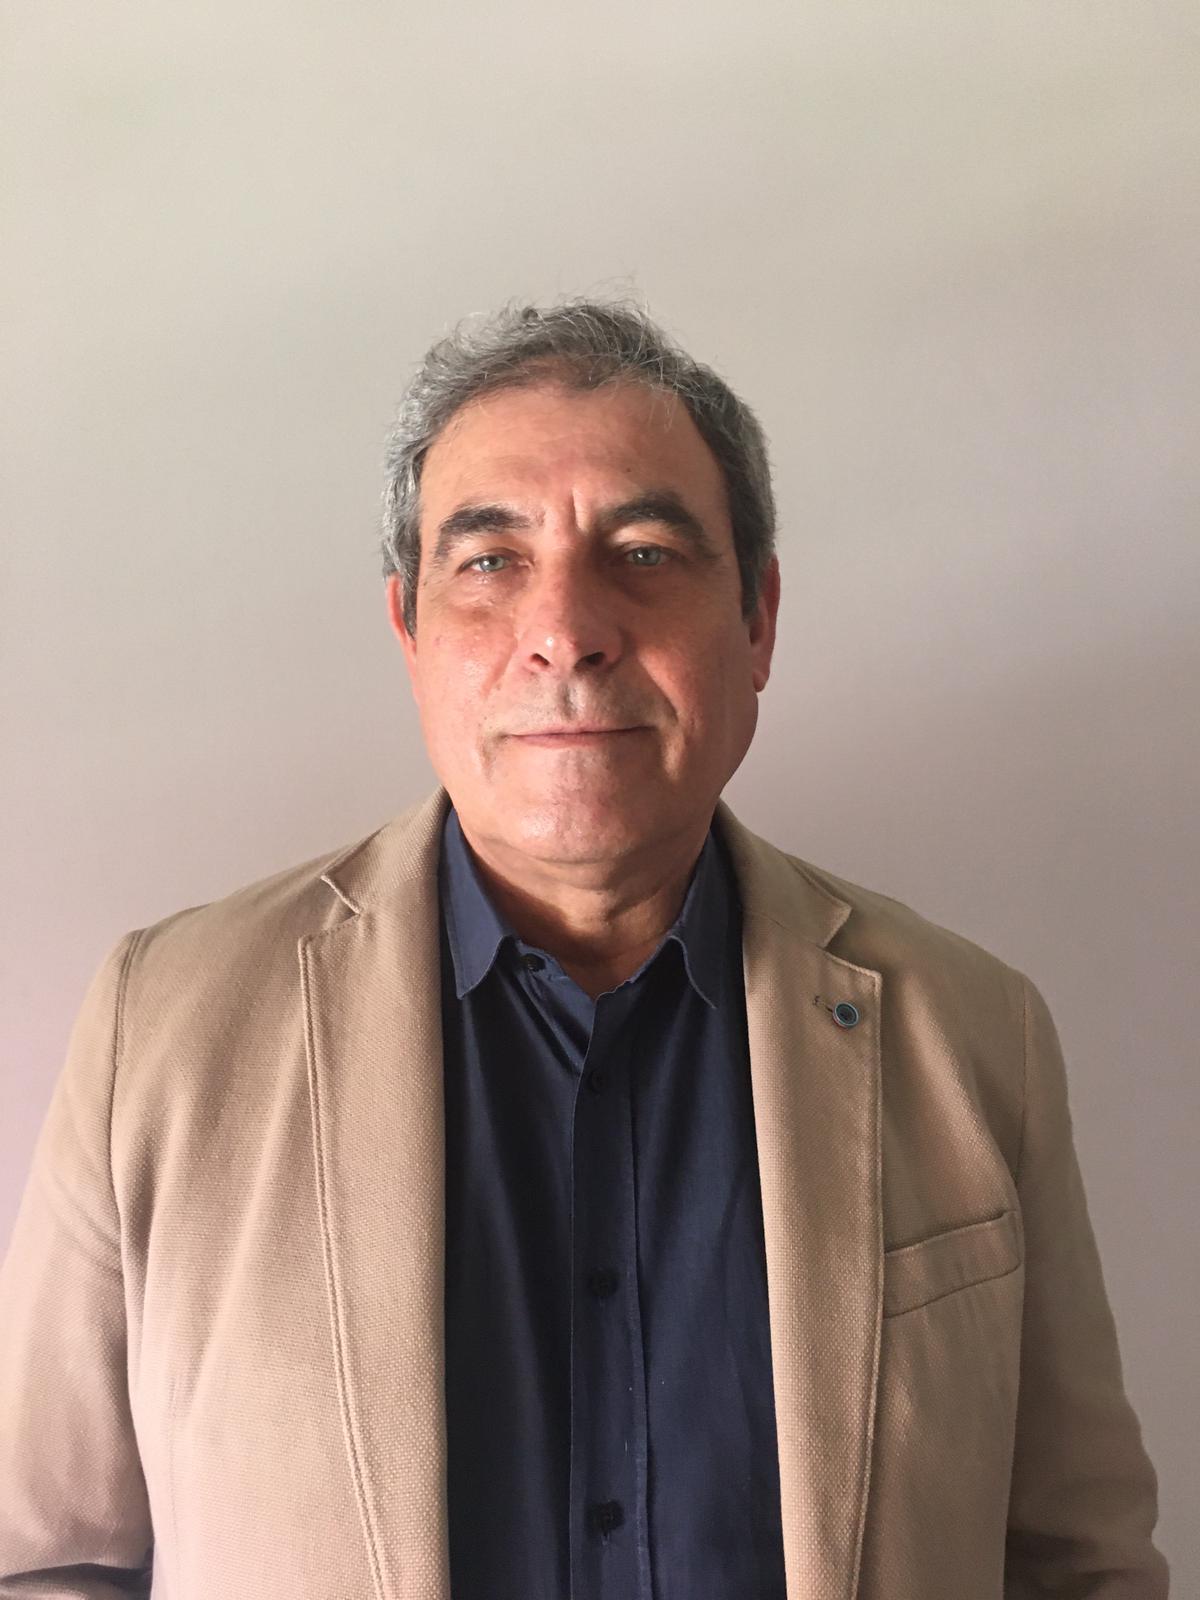 Entrevista a Mariano Martinez, presidente de la Escuela Deportiva Moratalaz